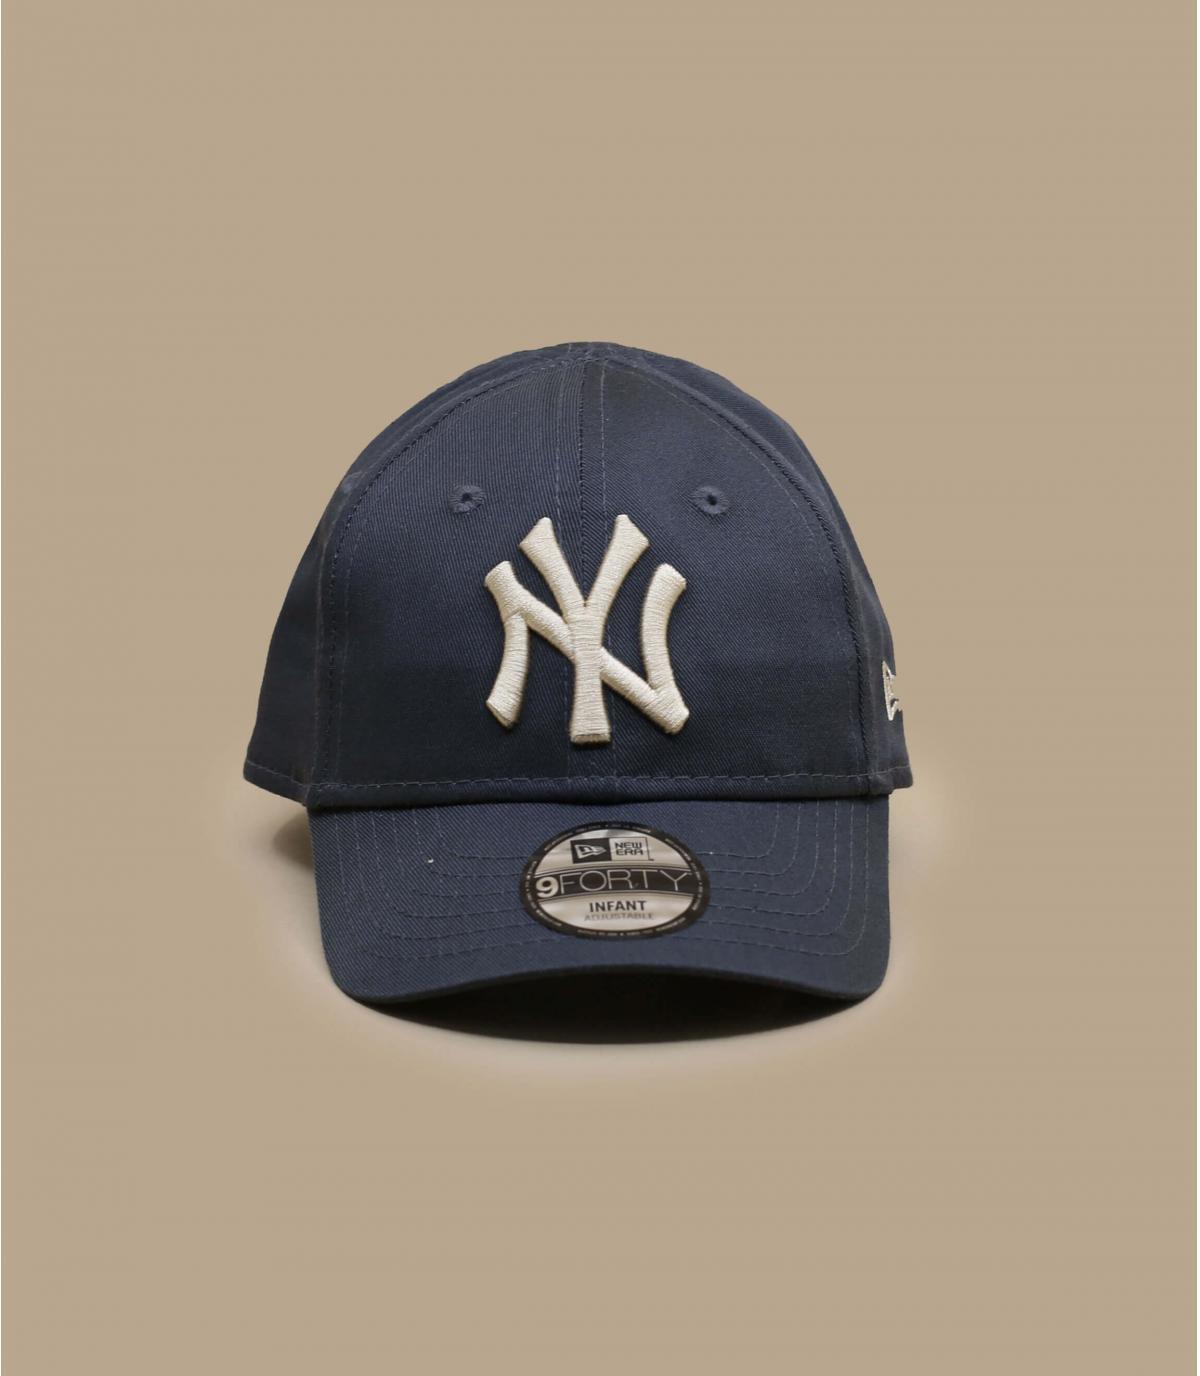 grey NY baby cap